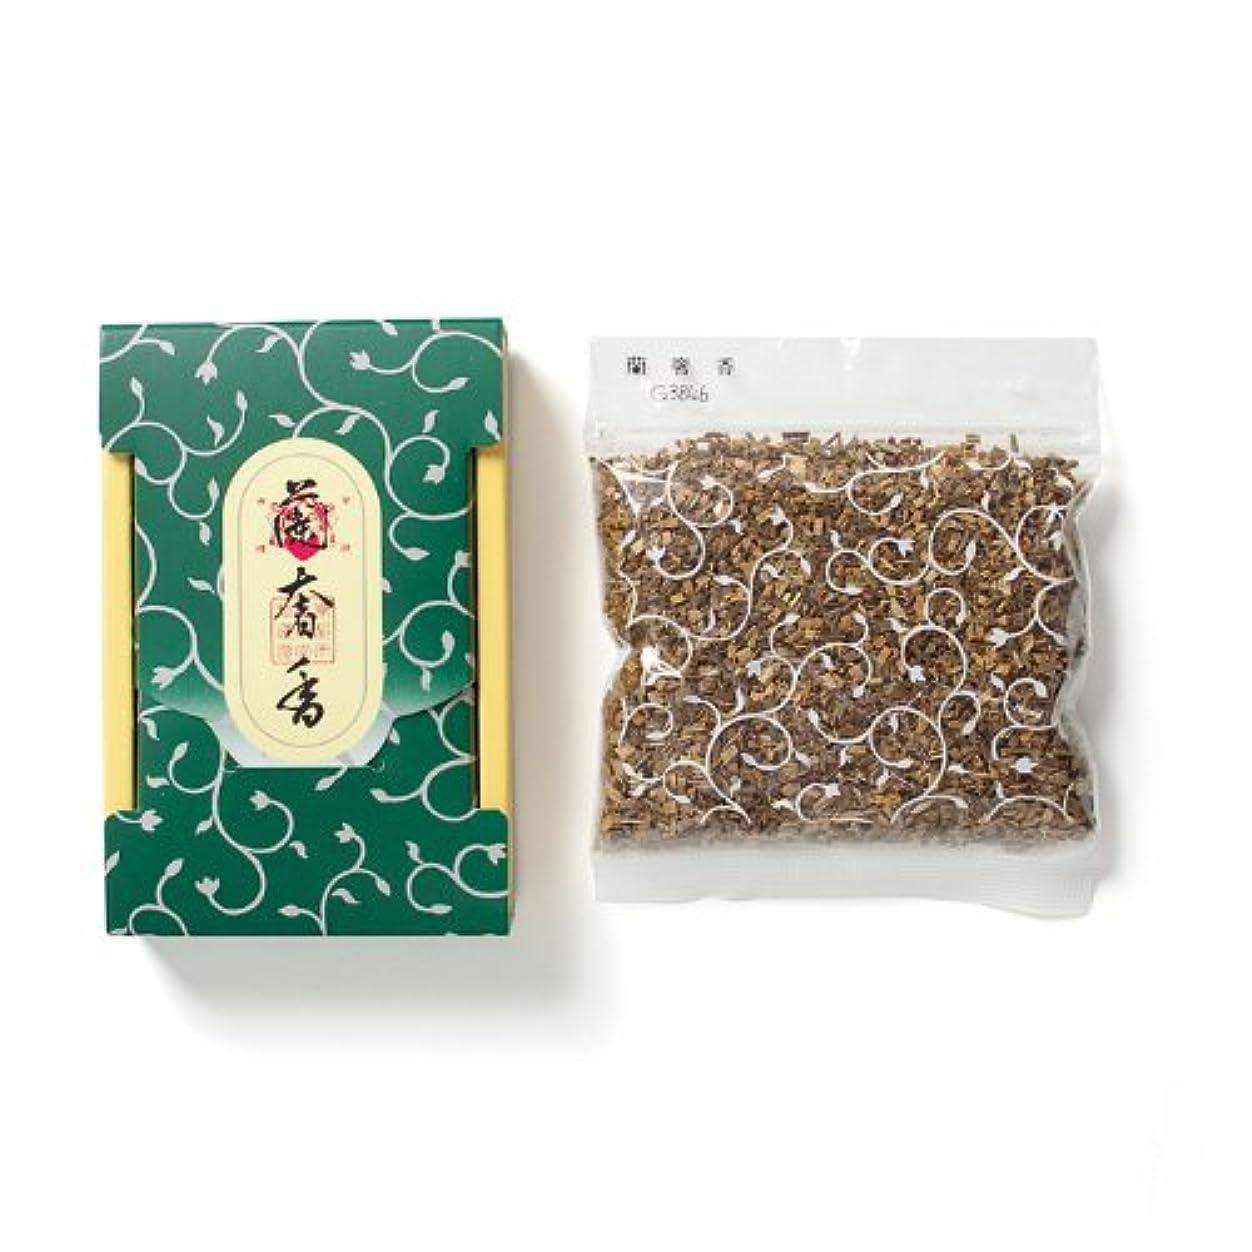 種吸収するクリア松栄堂のお焼香 蘭奢香 25g詰 小箱入 #410741